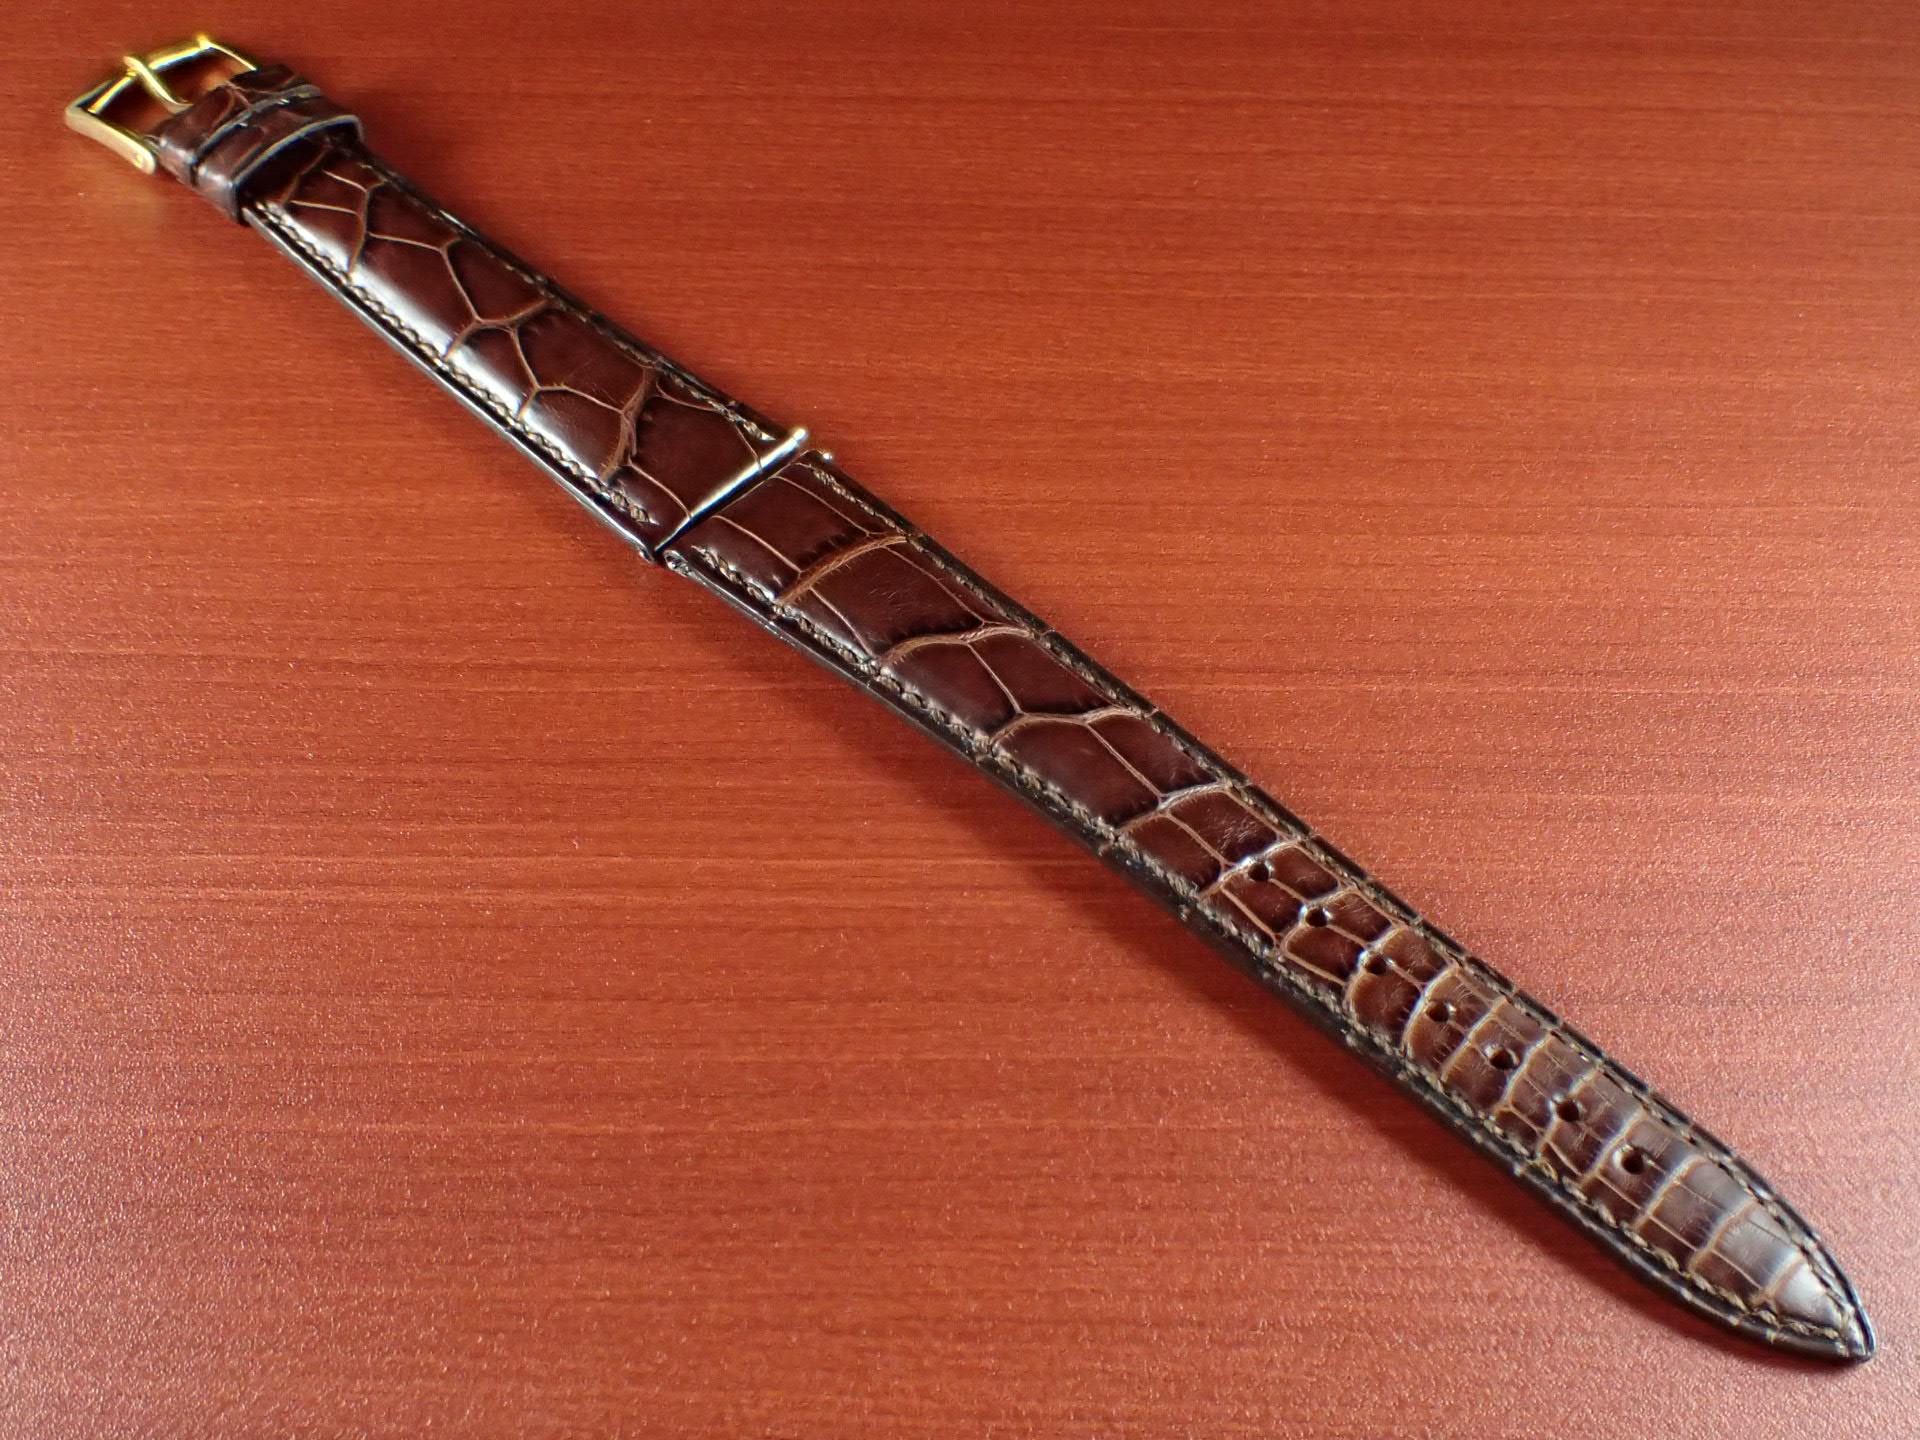 ジャン・クロード ペラン革ベルト(オールドペラン)クロコダイル ダークブラウン 17mm 手縫いのメイン写真